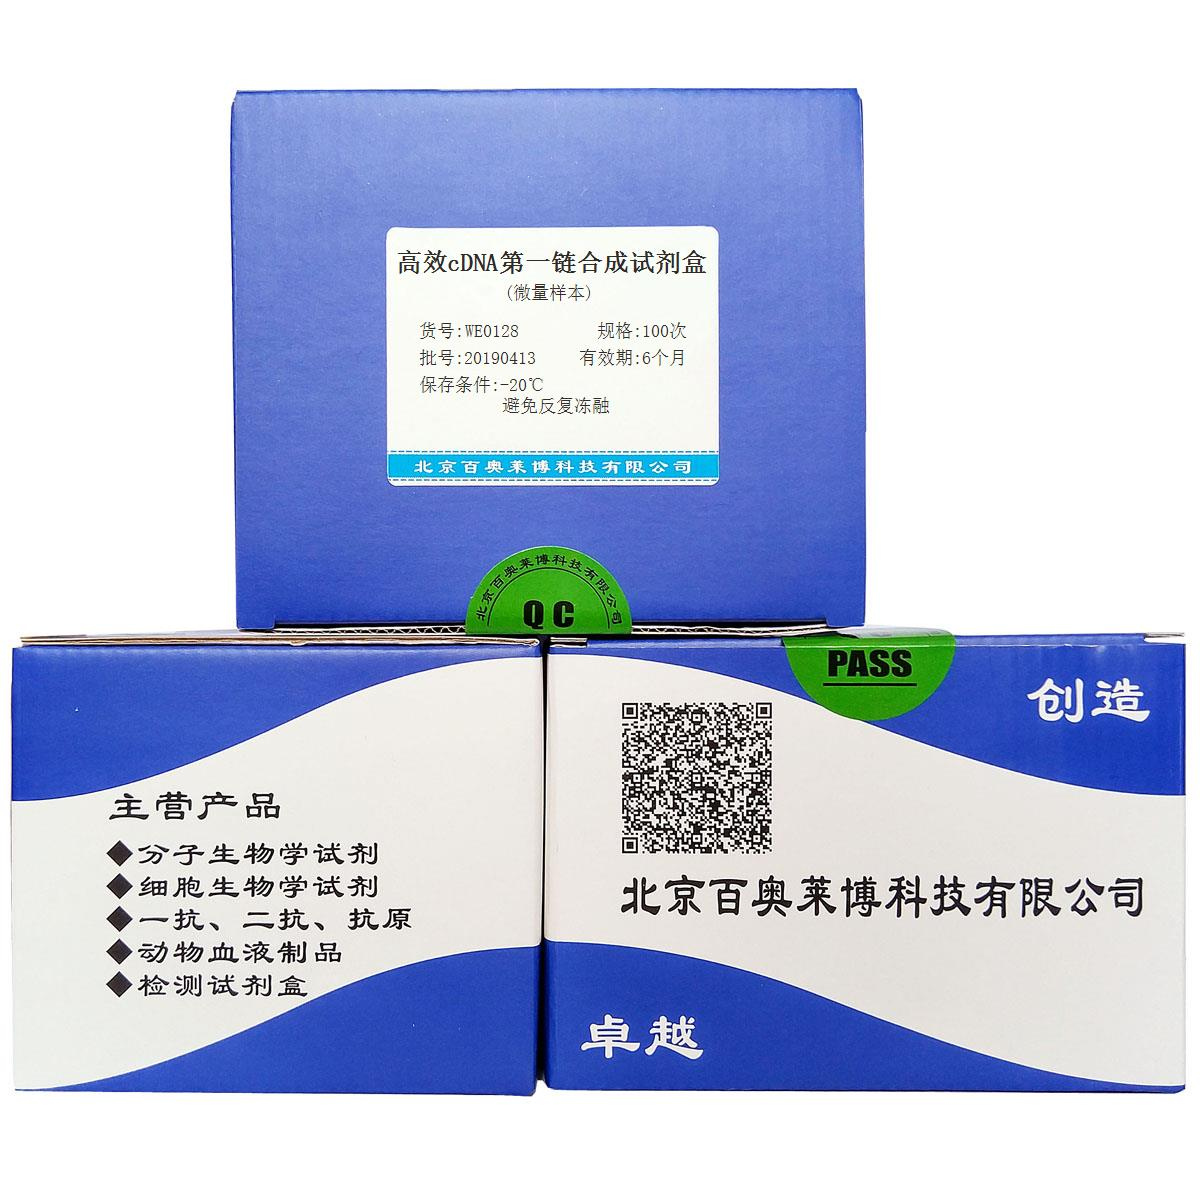 高效cDNA第一链合成试剂盒(微量样本)